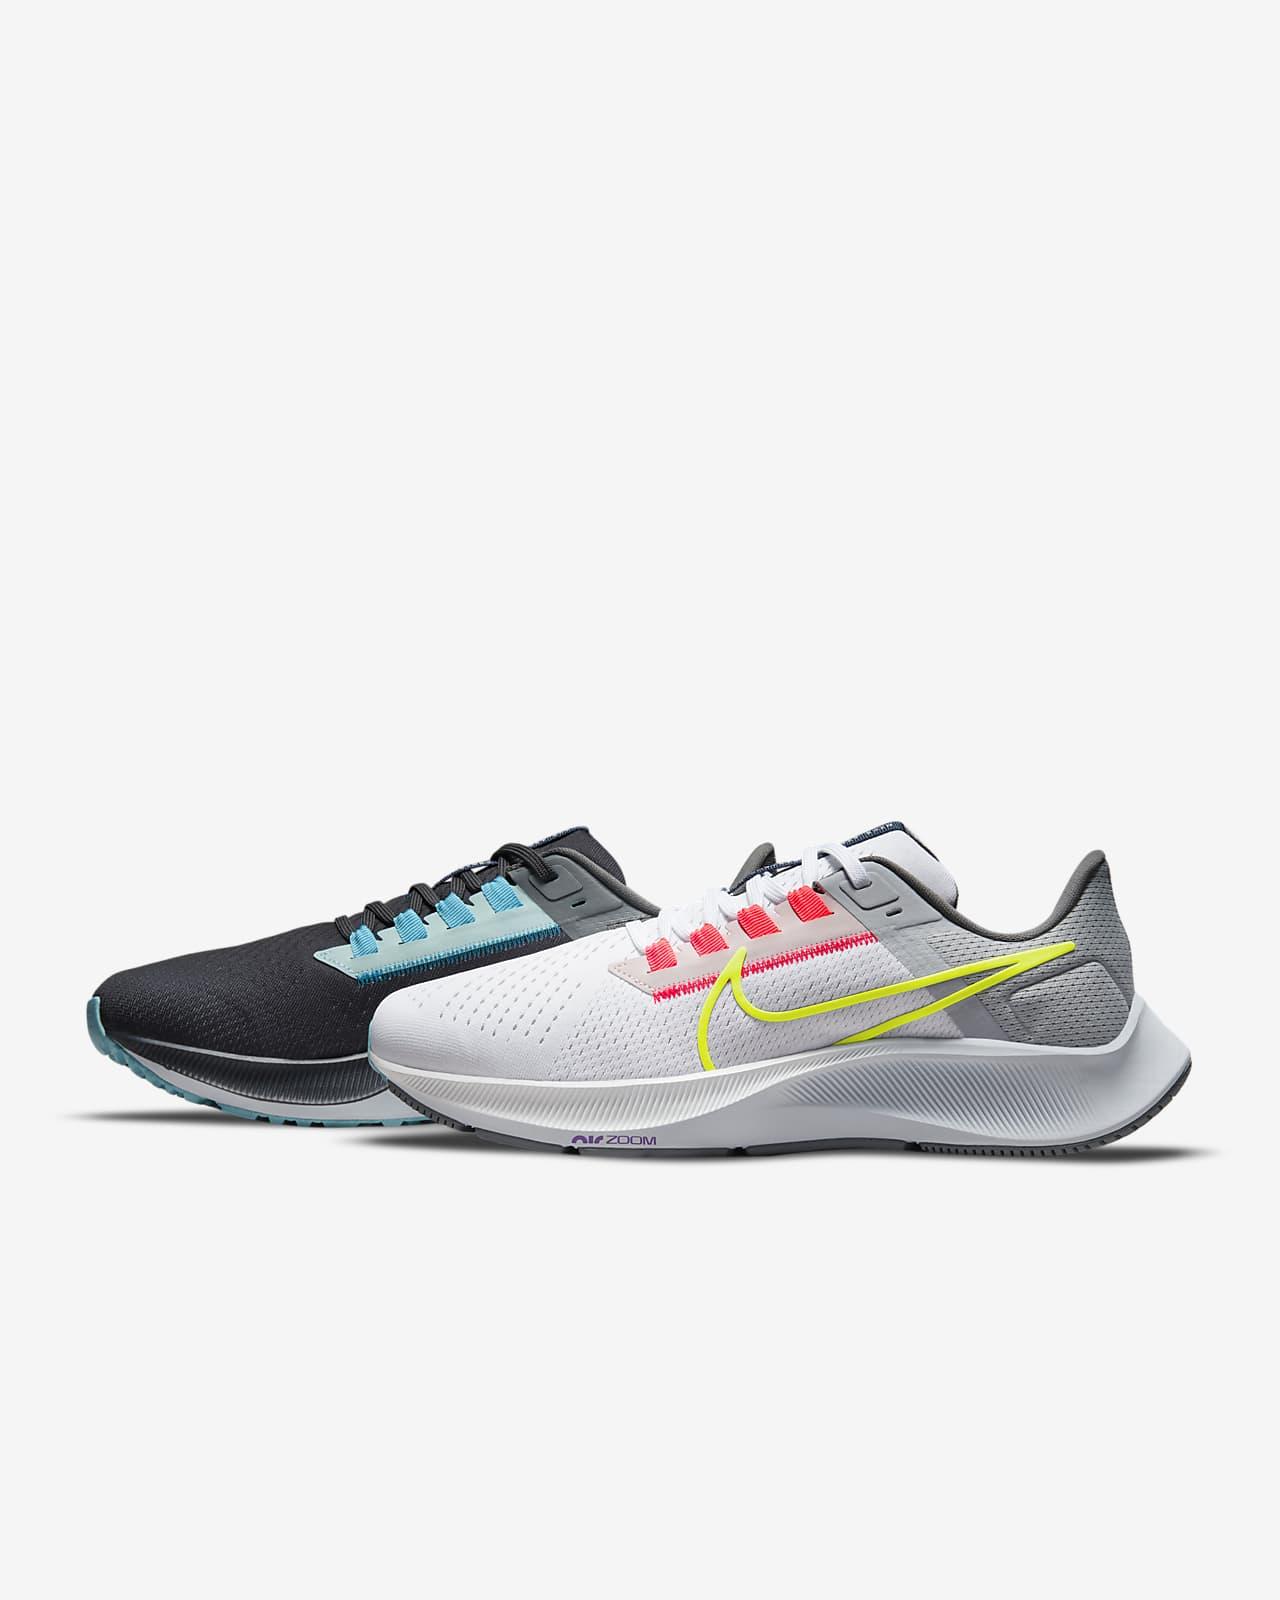 Γυναικείο παπούτσι για τρέξιμο Nike Air Zoom Pegasus 38 Limited Edition